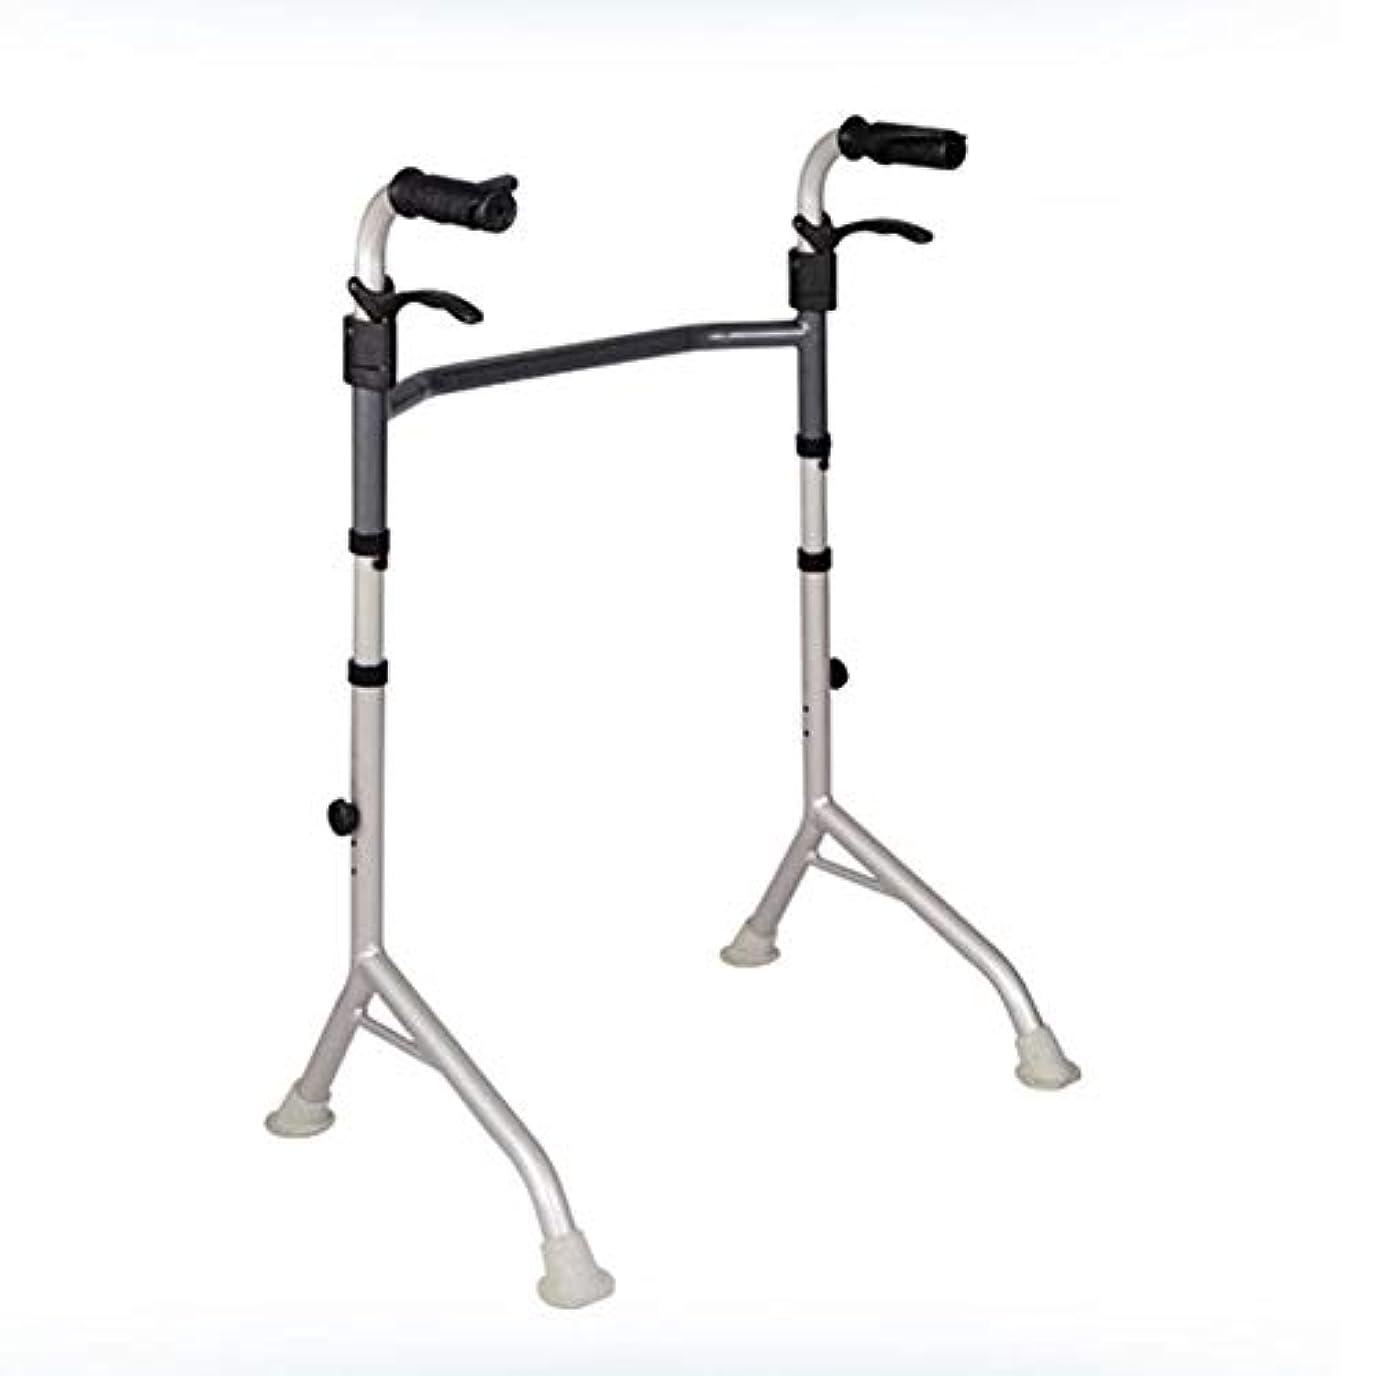 平方嫉妬フォーカス四脚歩行器、高齢者歩行フレーム、リハビリテーション立ちアームレスト、歩行補助